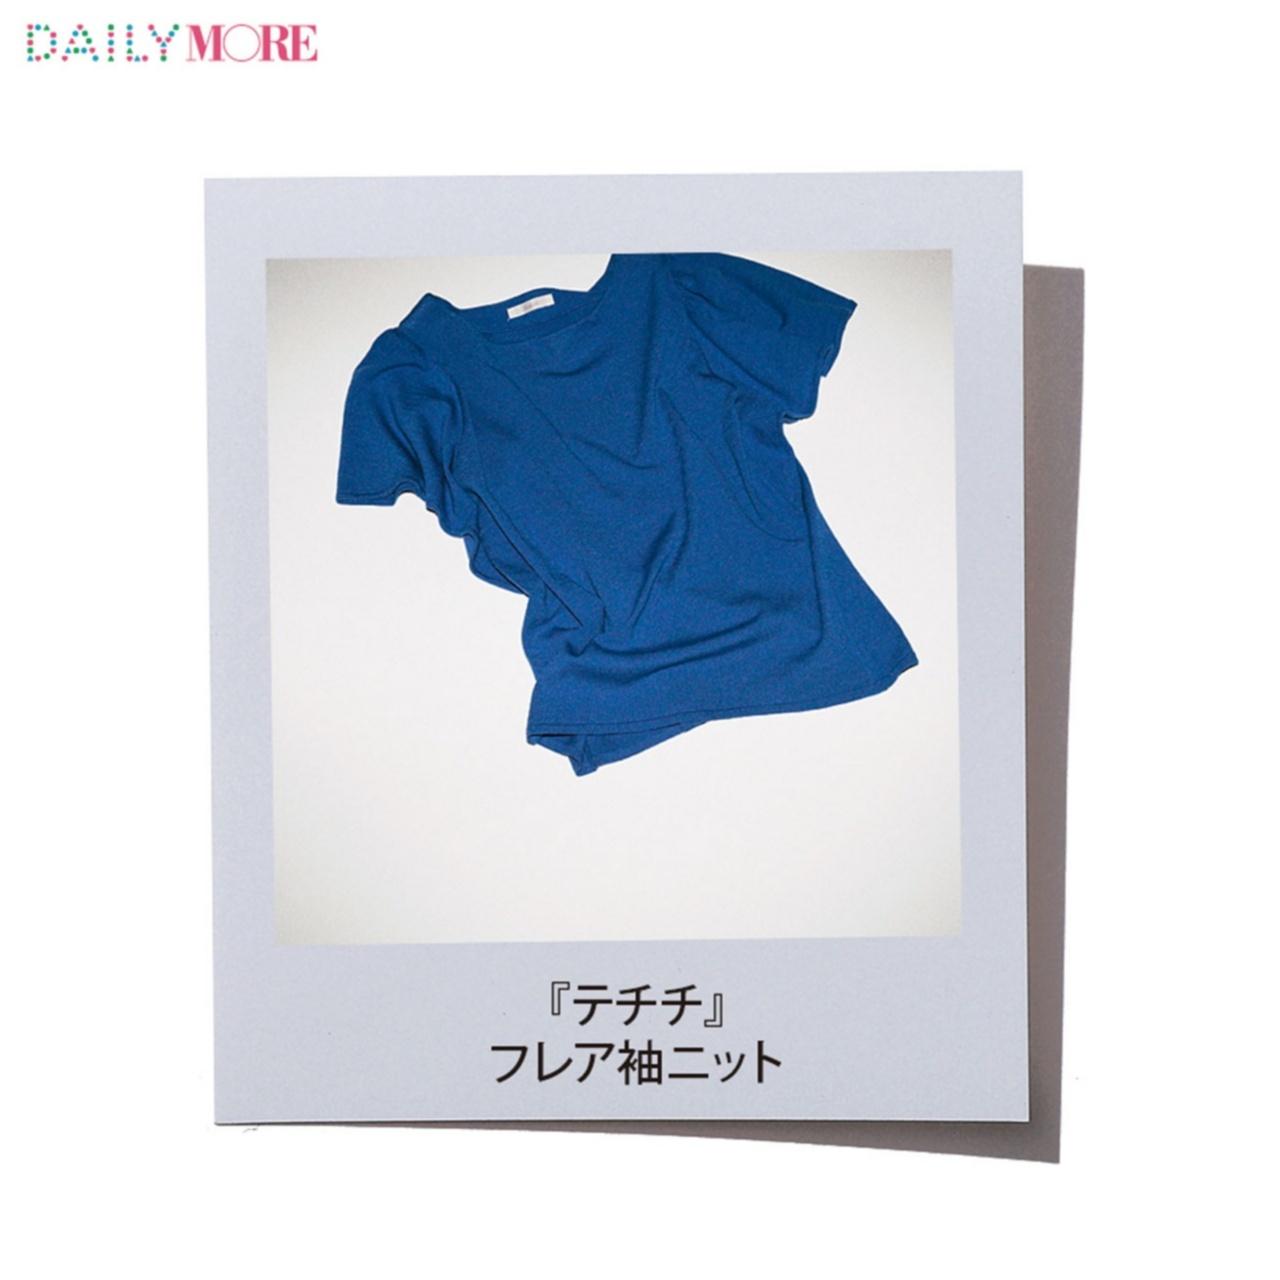 """""""隠れた名品""""あなたは知ってた? 人気ブランドの「実は売れてる服」まとめ♡_1_1"""